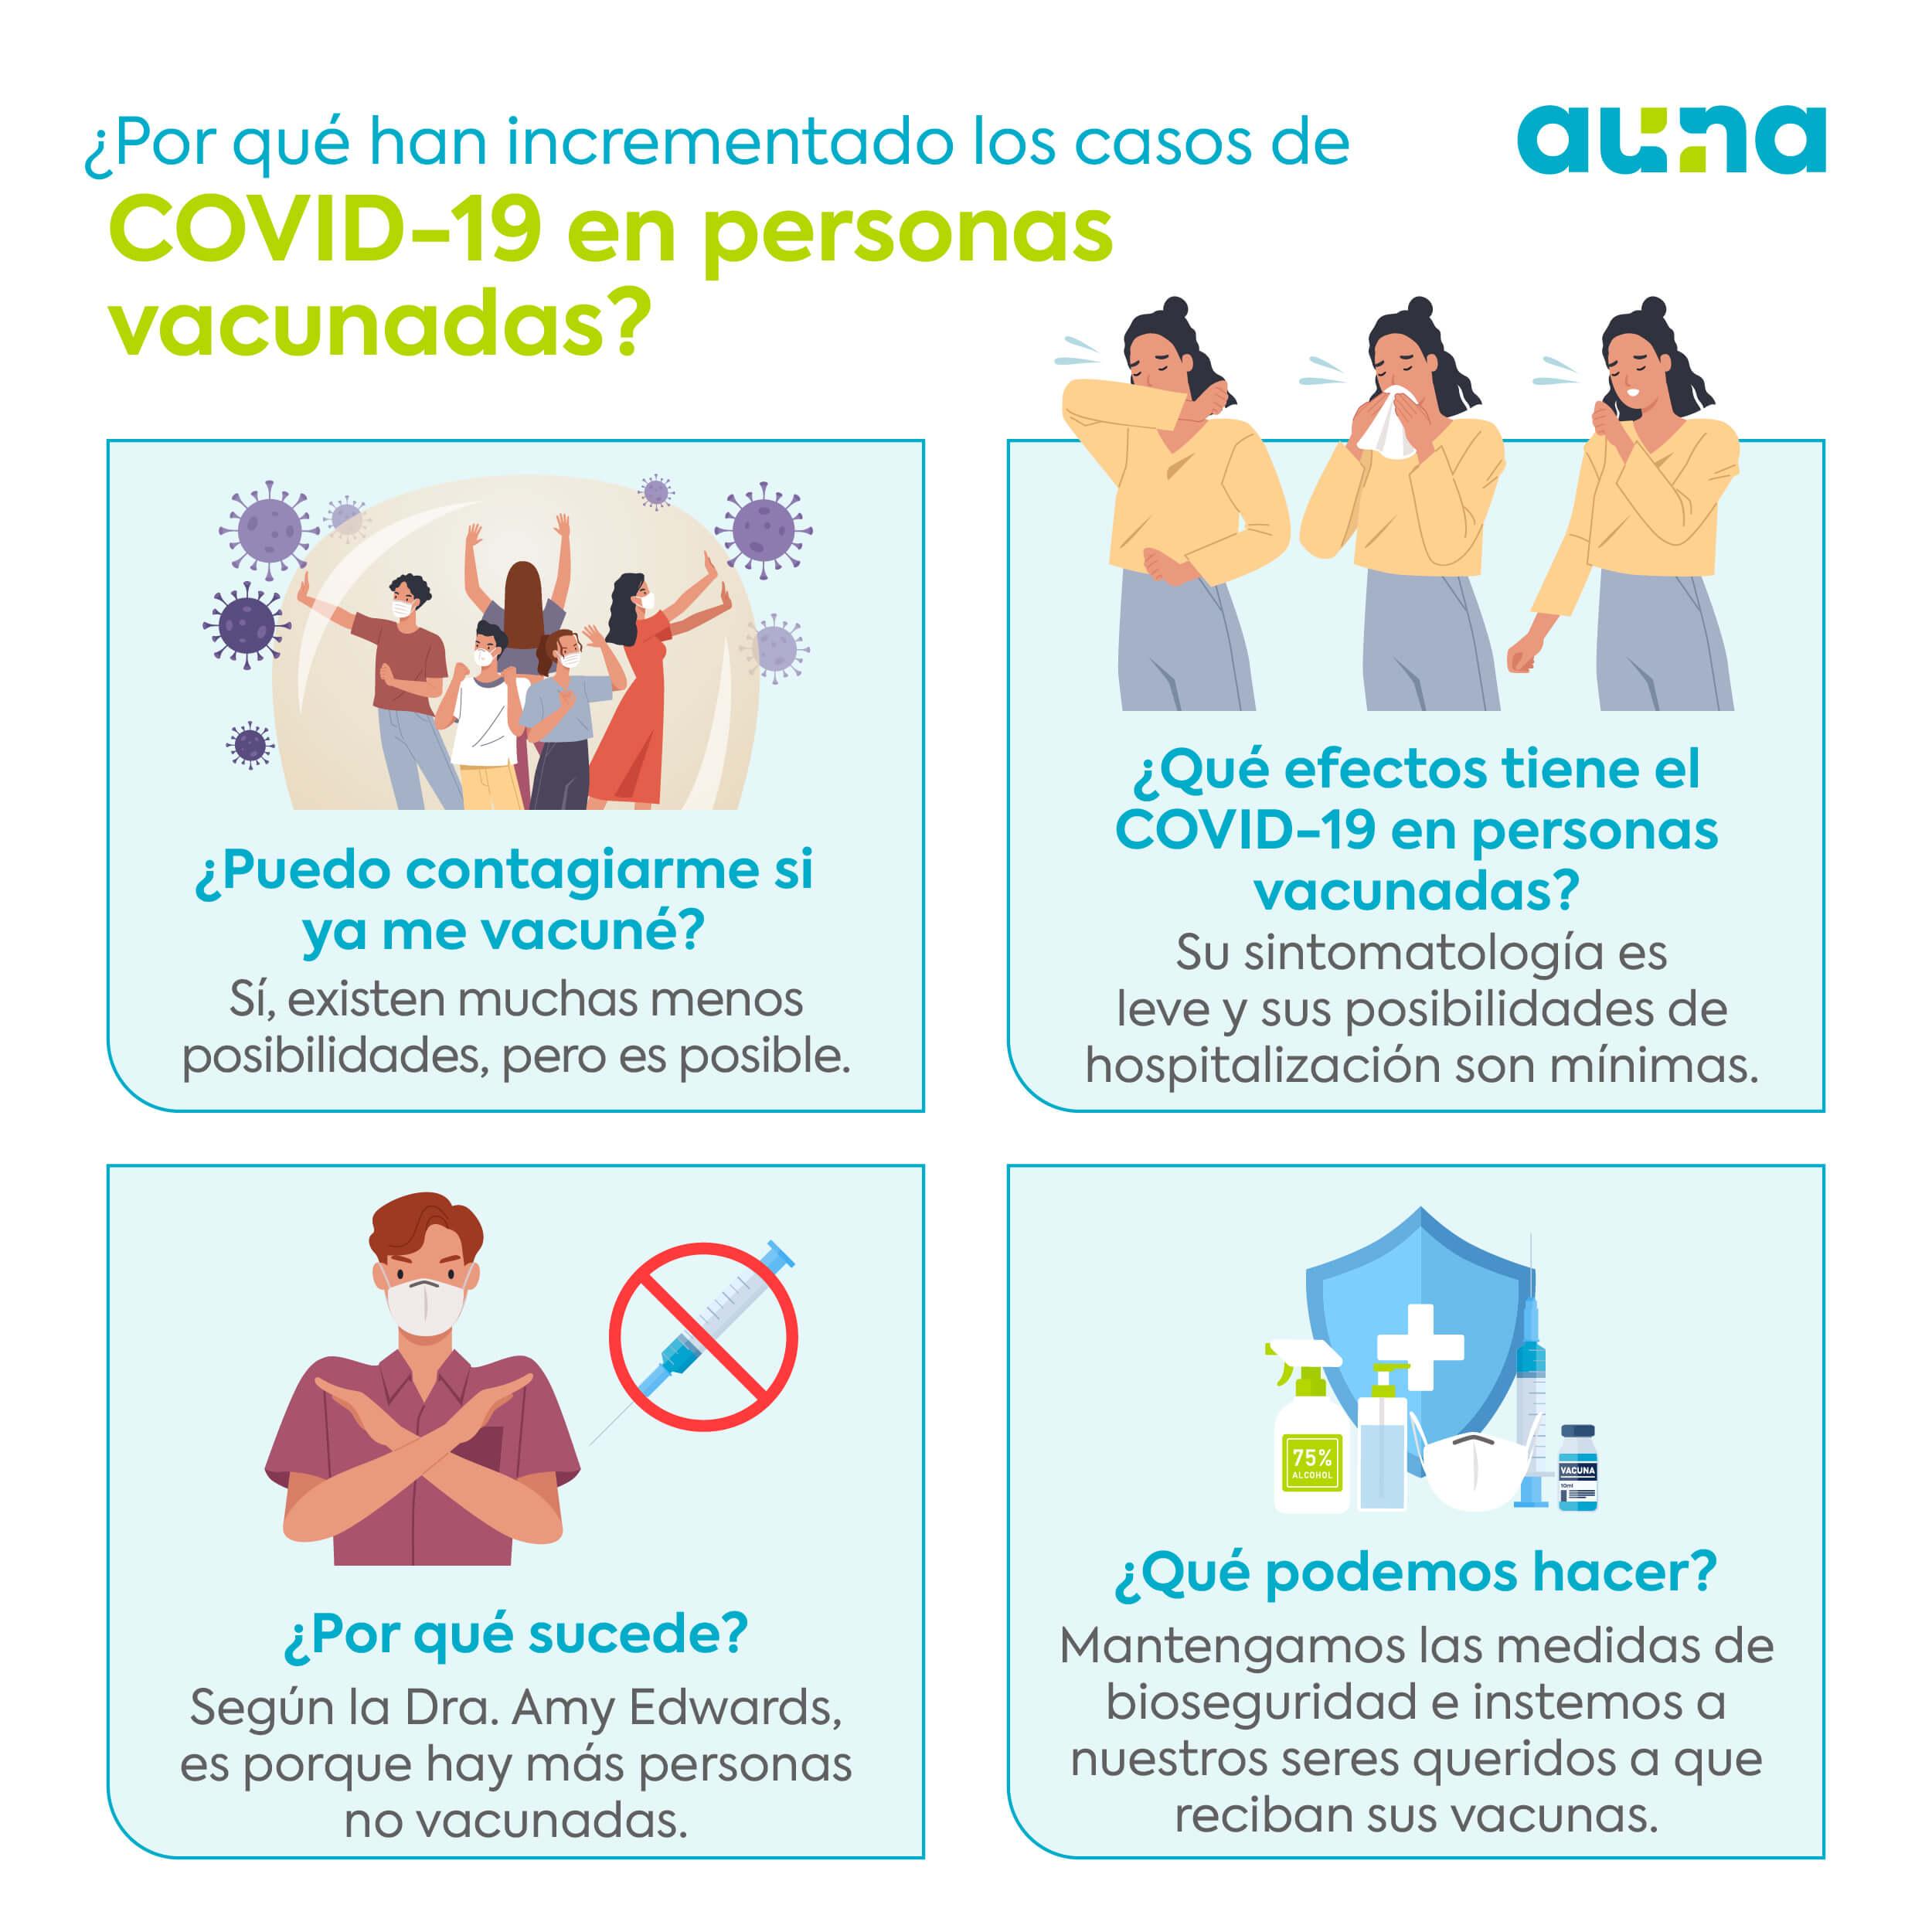 Por qué han incrementado los casos de COVID-19 en personas vacunadas_Mesa de trabajo 1